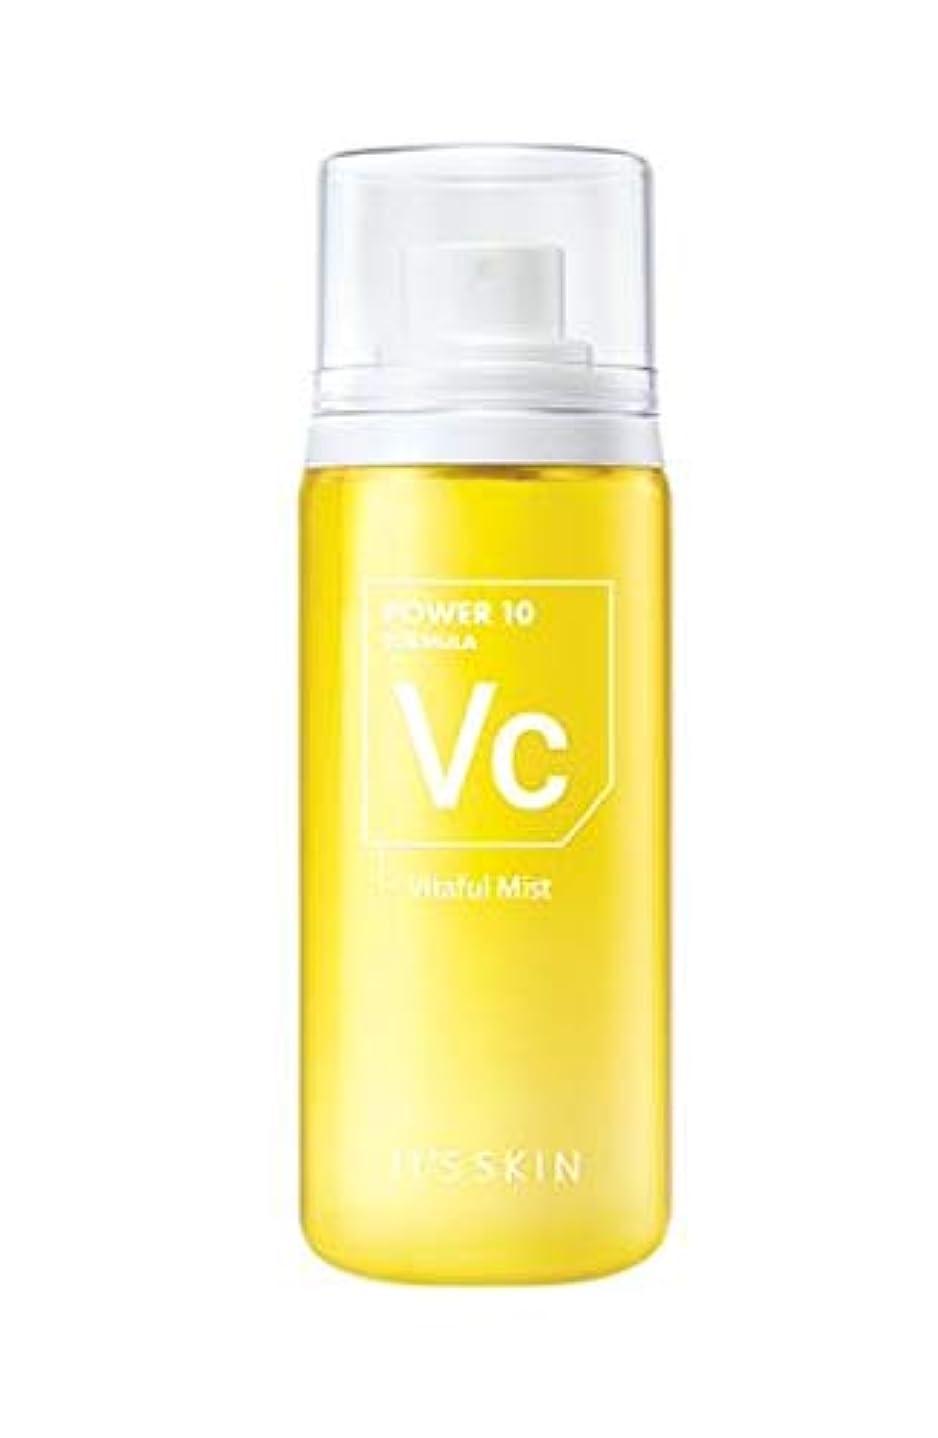 彫刻シールド午後Its skin Power 10 Formula Mist Vc (Whitening) イッツスキン パワー 10 フォーミュラ ミスト Vc [並行輸入品]